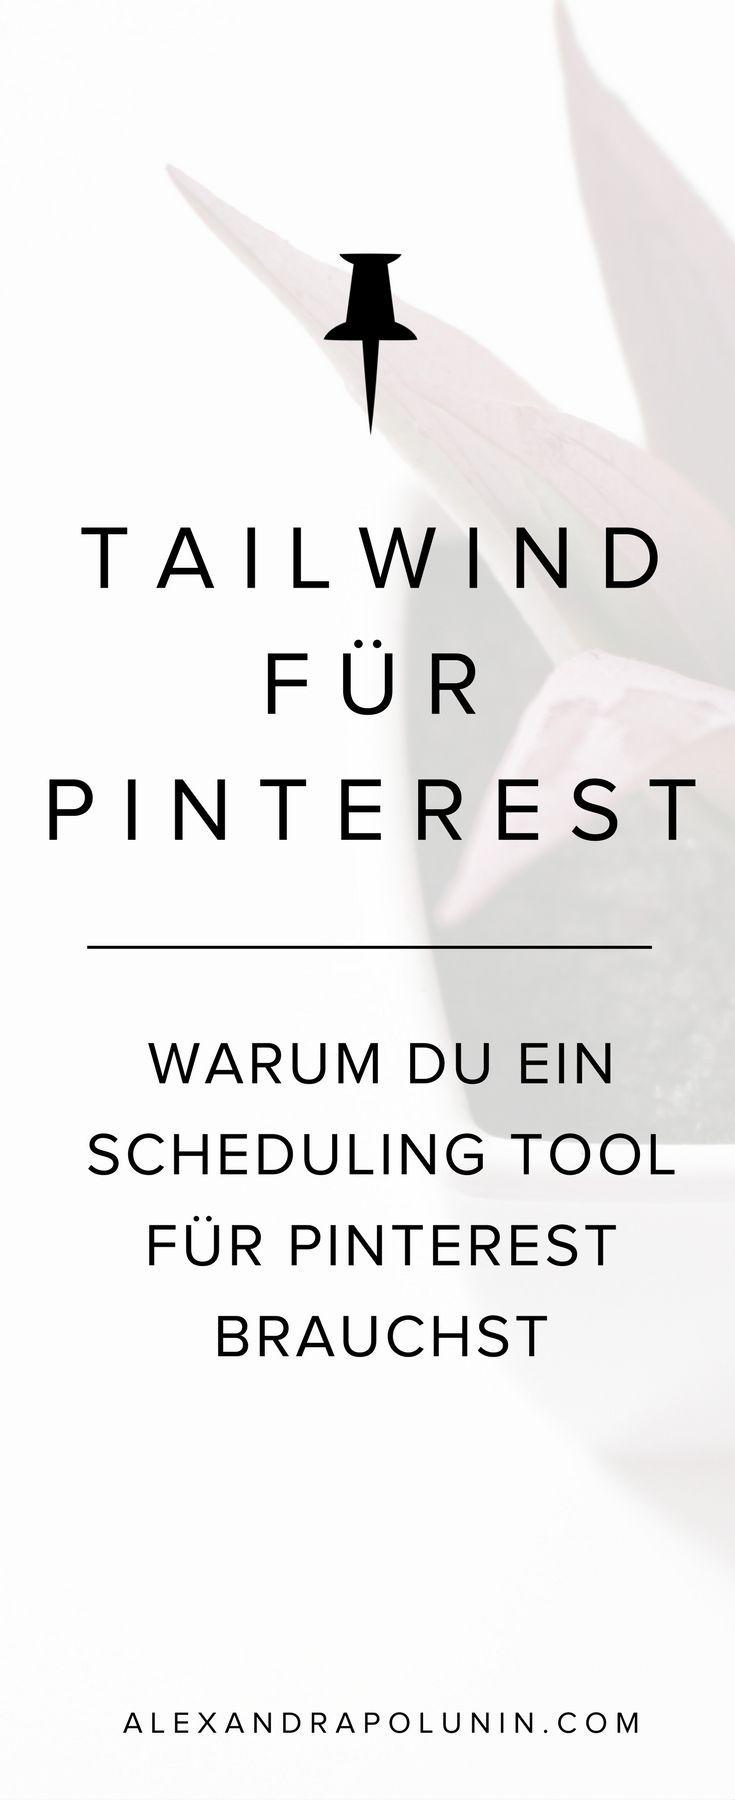 Tailwind für Pinterest – lohnt sich das Planungstool? Planst du deine Pins bereits mit einem Scheduling Tool? Hier verrate ich dir, warum das eine gute Idee ist. #pinterestmarketing #tailwind #tailwindapp #schedulingtool #produktivität